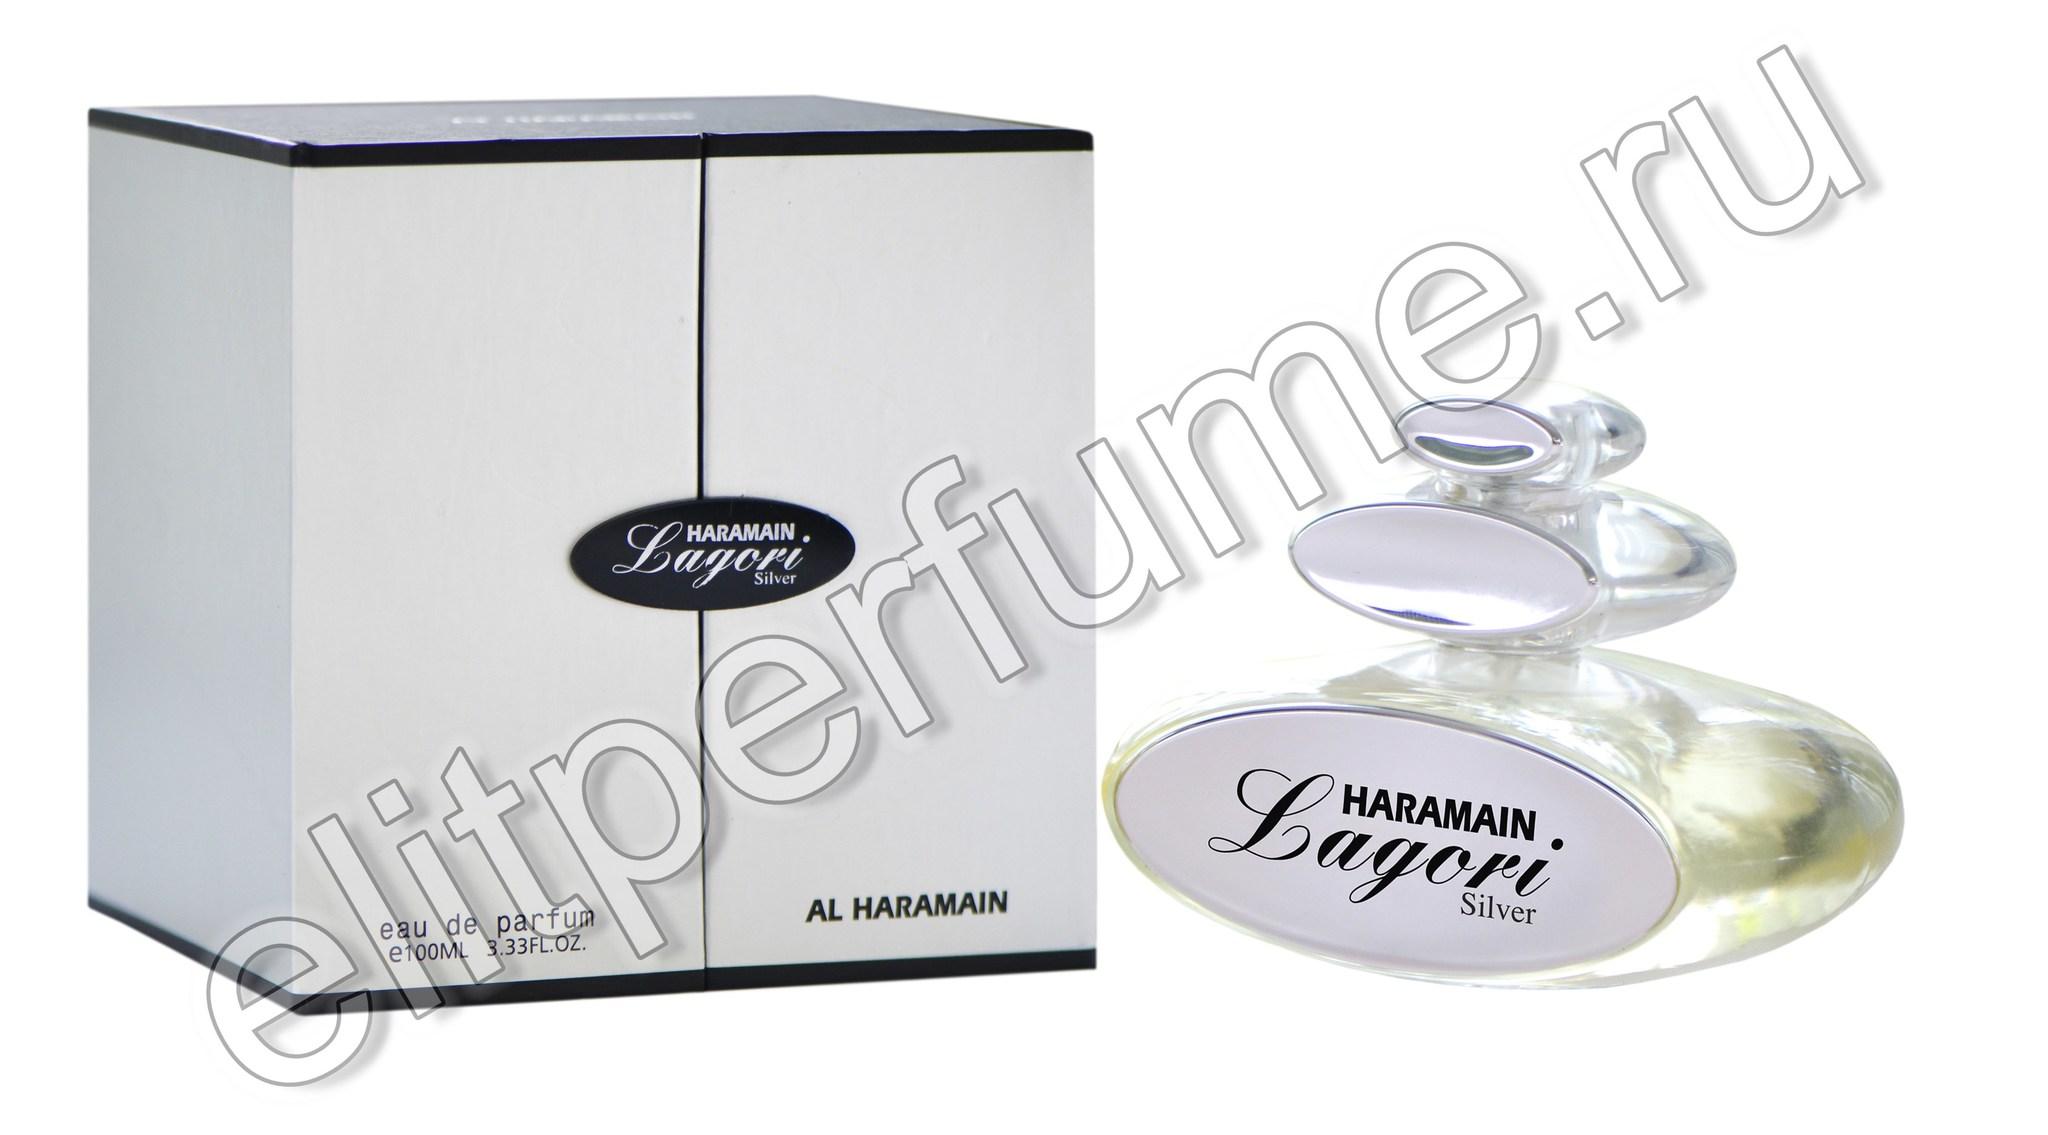 Haramain Lagori Silver / Харамайн Лагори Серебряный 100 мл спрей от Аль Харамайн Al Haramain Perfumes